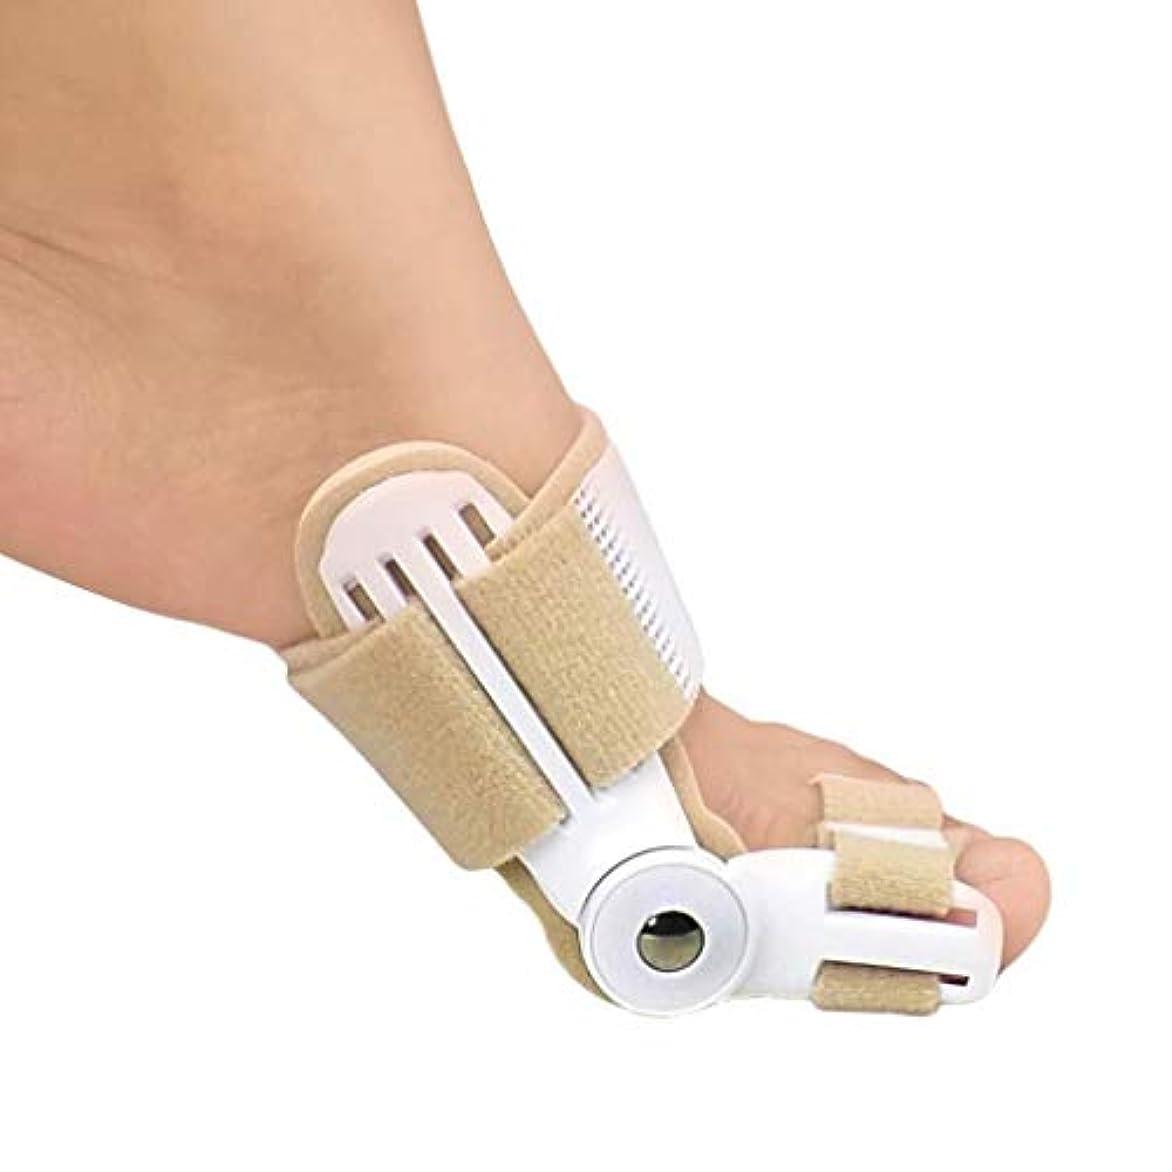 警告する論理的に回復するBunion Corrector Bunion SplintsとBig Toe Straightteners SeparatorナイトタイムHallux外陰部のスプリント、Bunion Relief (Size : Medium)